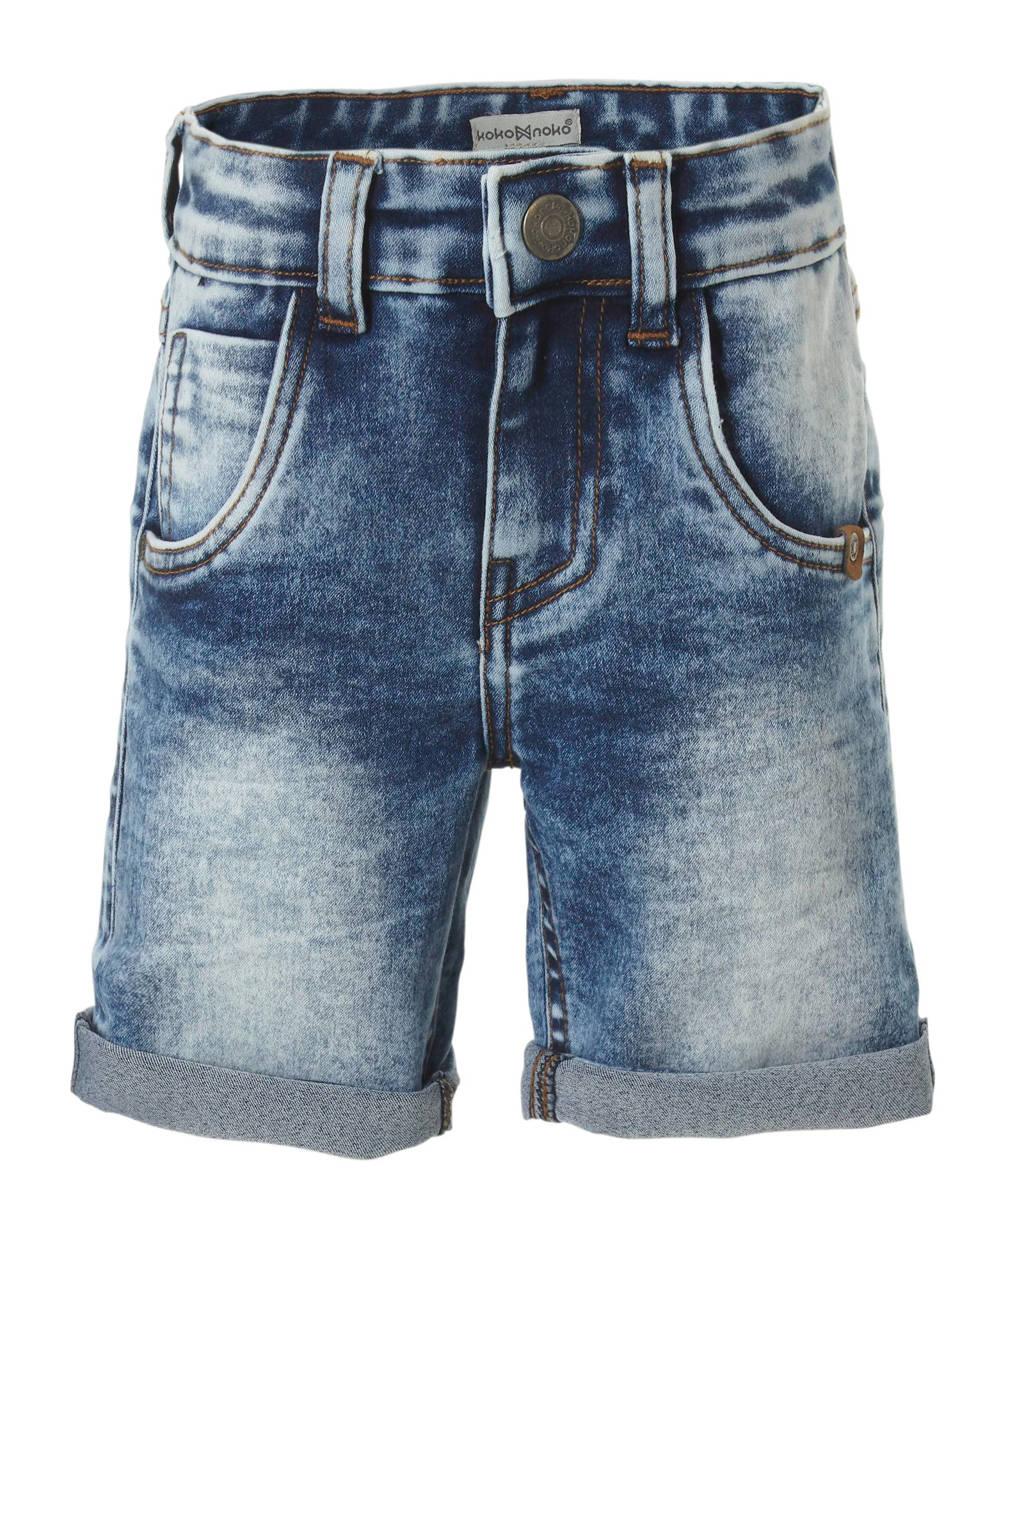 Koko Noko jeans bermuda, Stonewashed